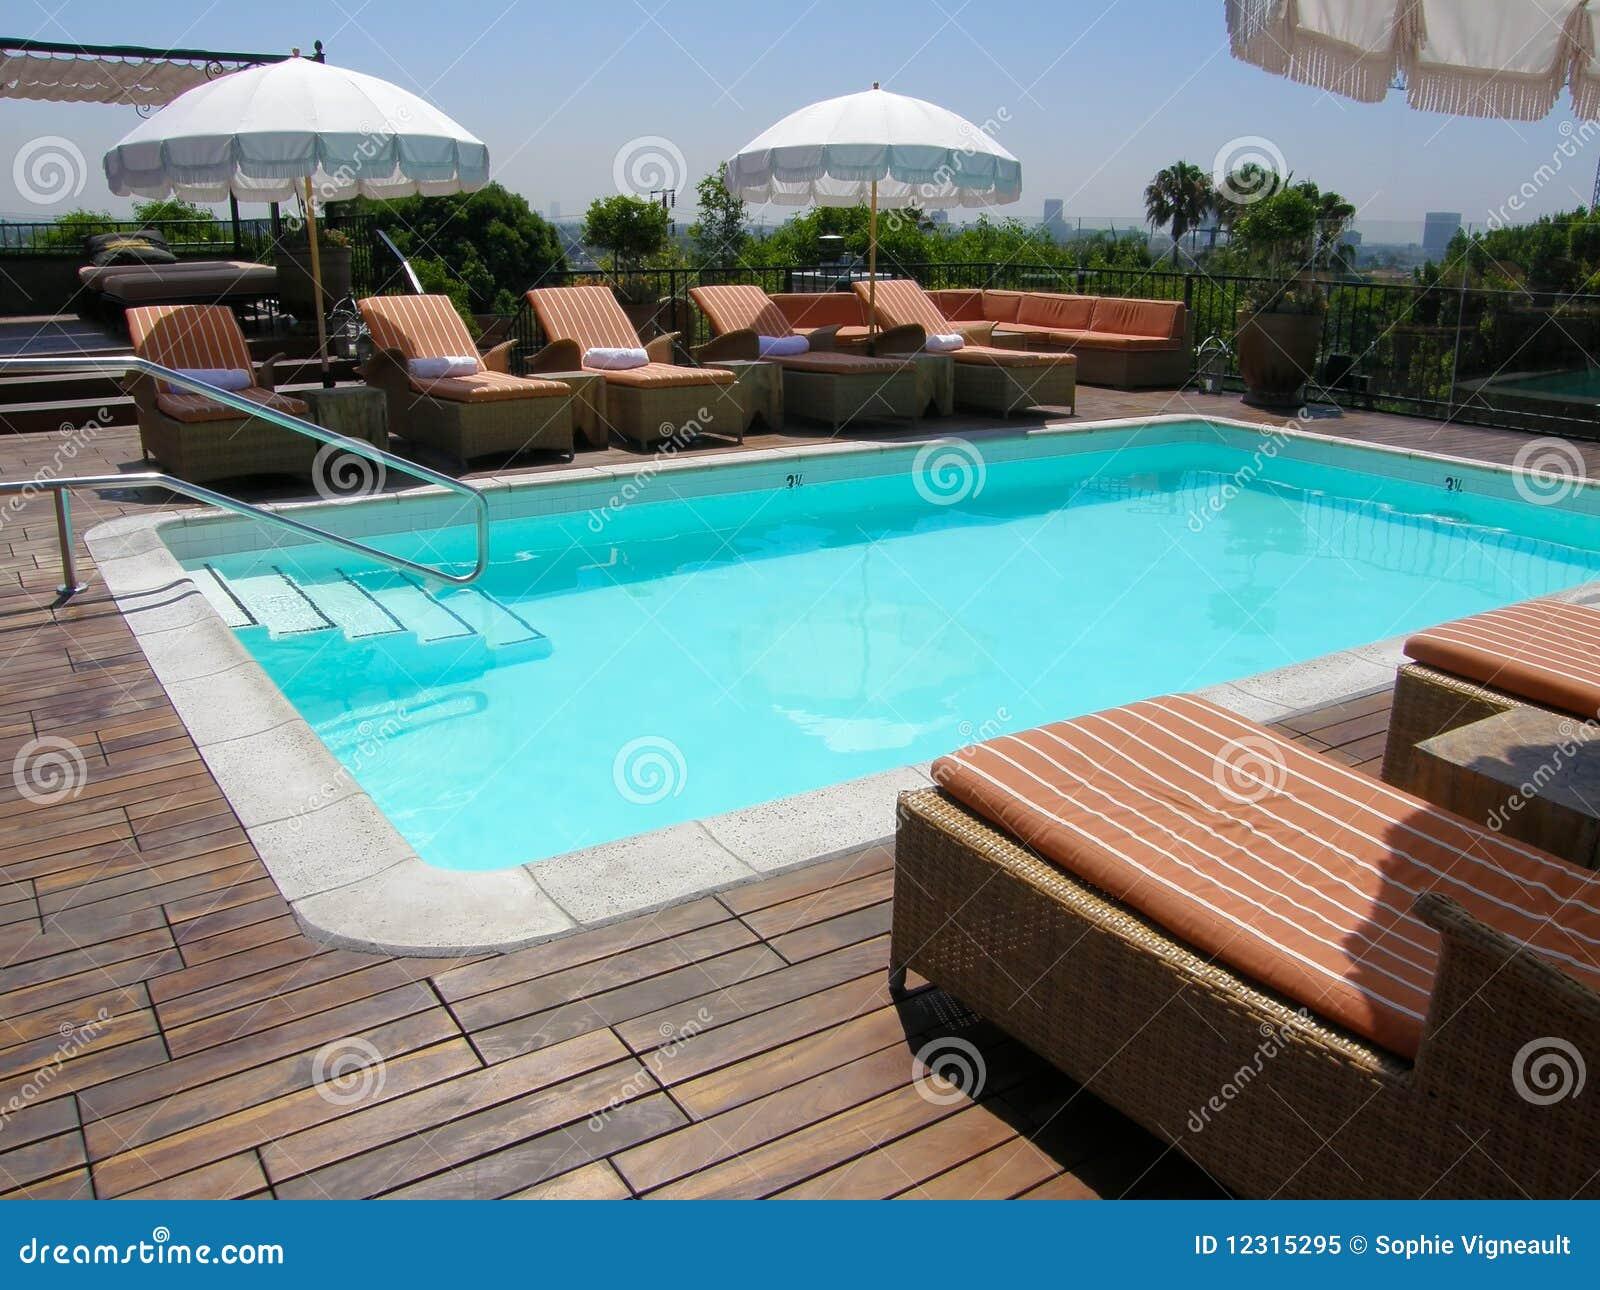 Outdoor in ground pool stock image image of deck outdoor for Garden treasures pool clock